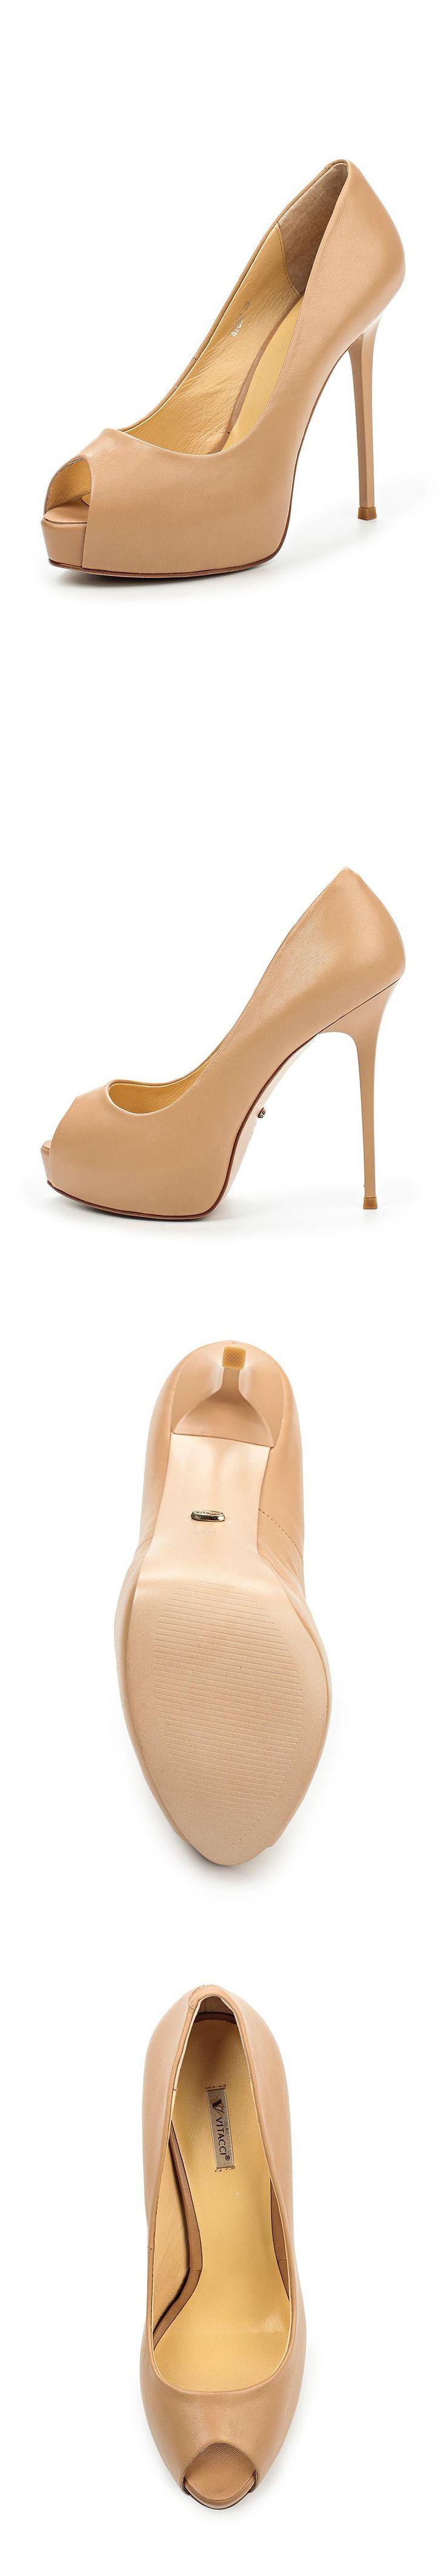 Женская обувь туфли Vitacci за 8999.00 руб.